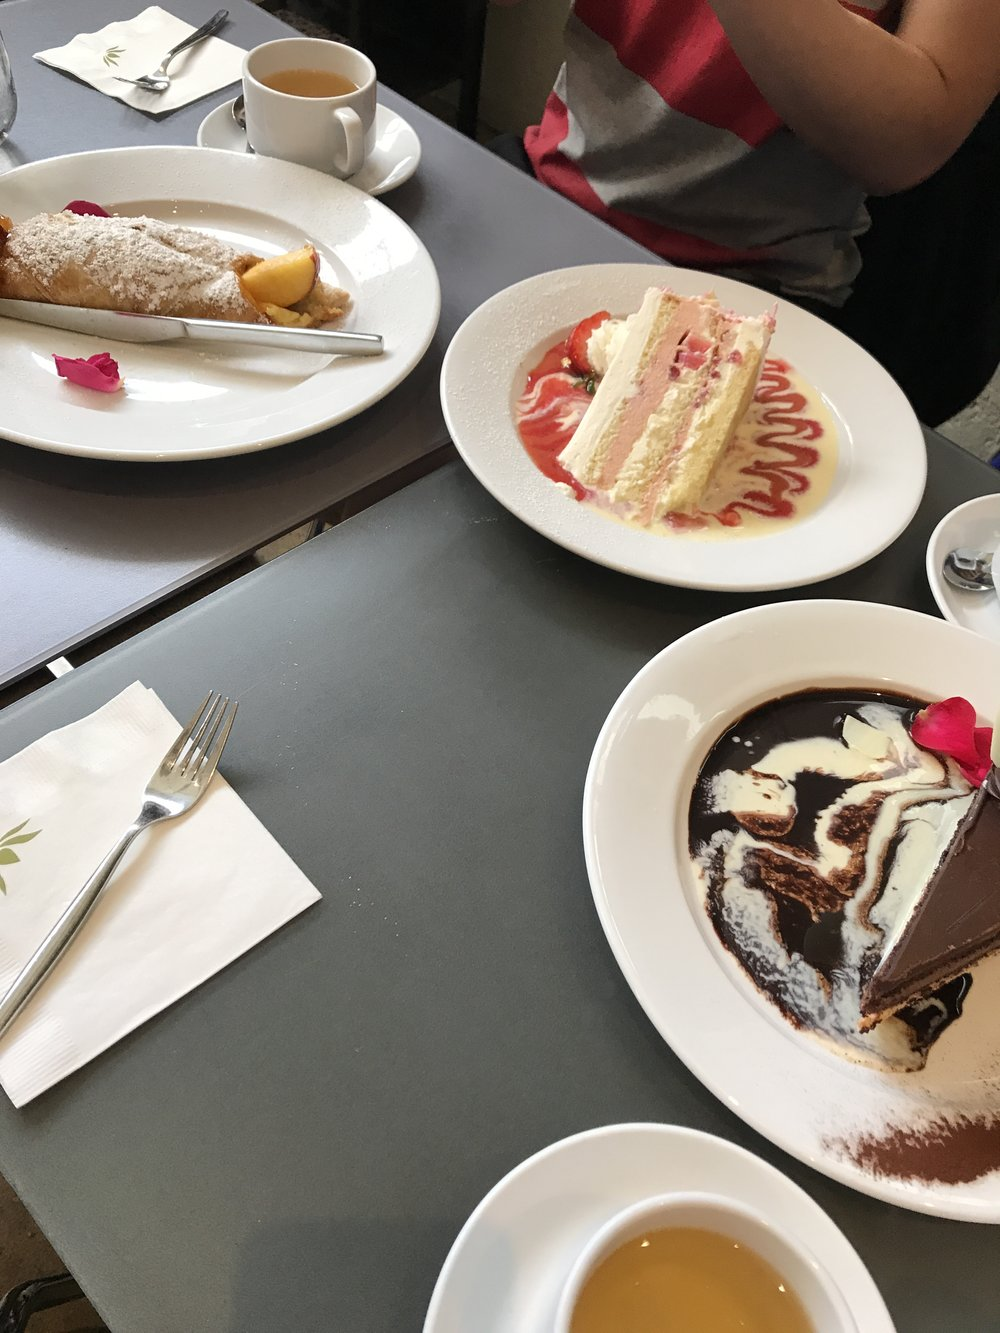 Extraodinary Desserts